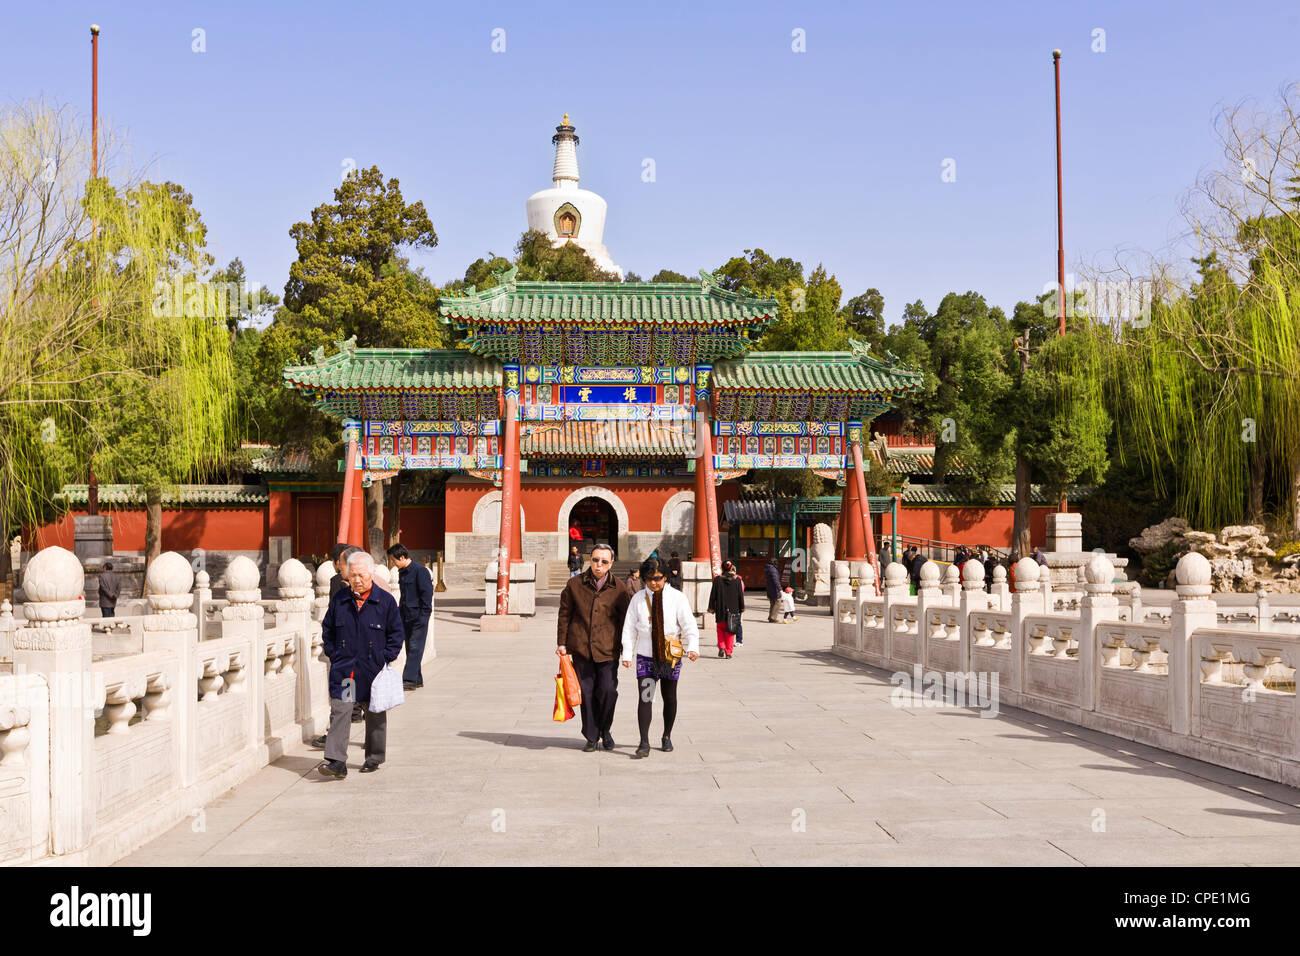 Beihai Park and the White Pagoda, Beijing. Stock Photo